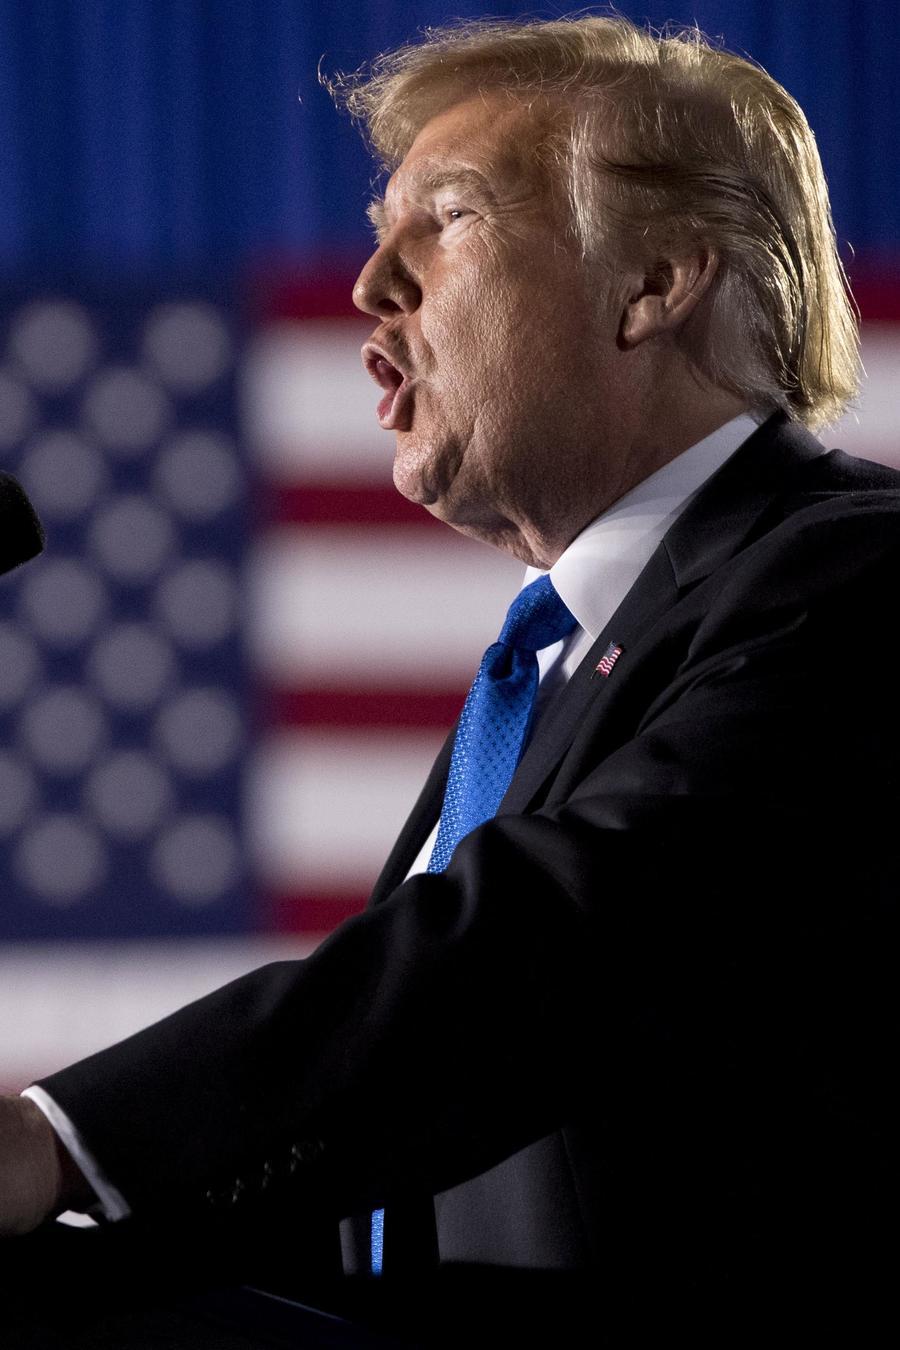 El presidente Trump durante un discurso sobre Venezuela en Miami, Florida el 18 de febrero de 2019